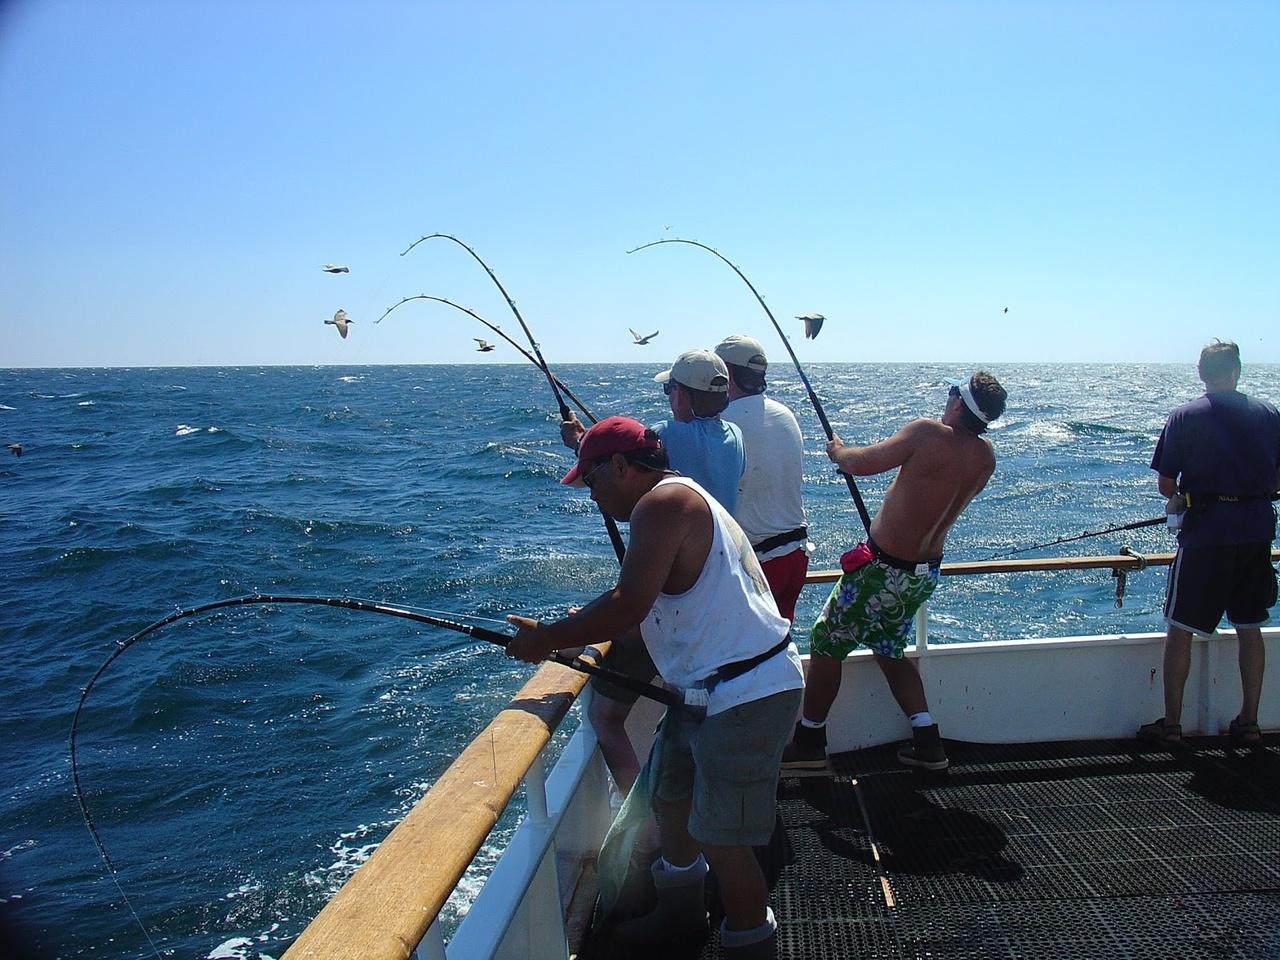 People fishing aboard vessel